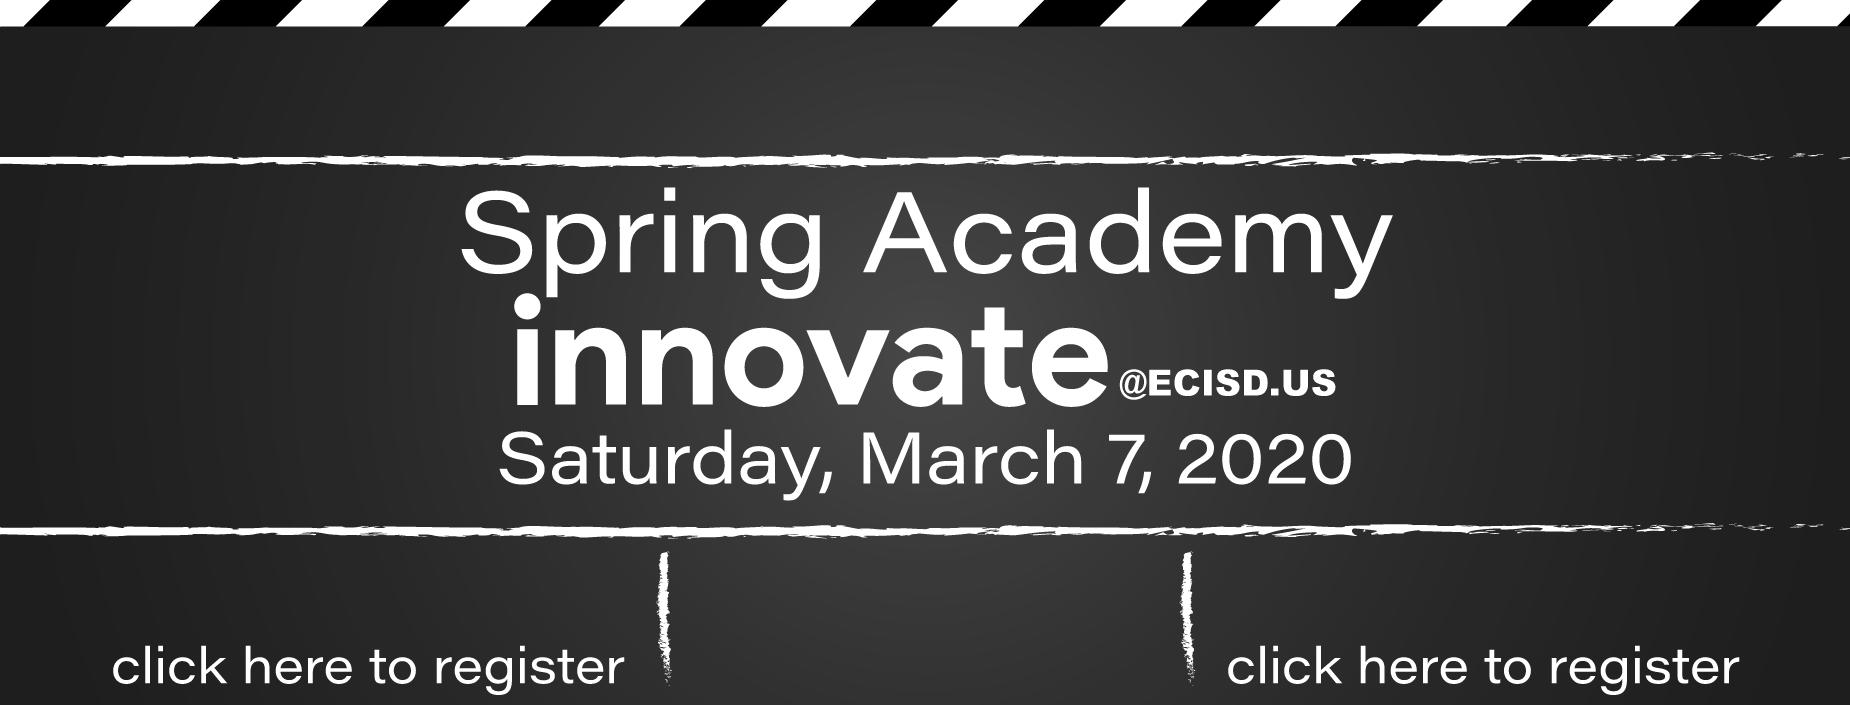 Innovate Spring Academy